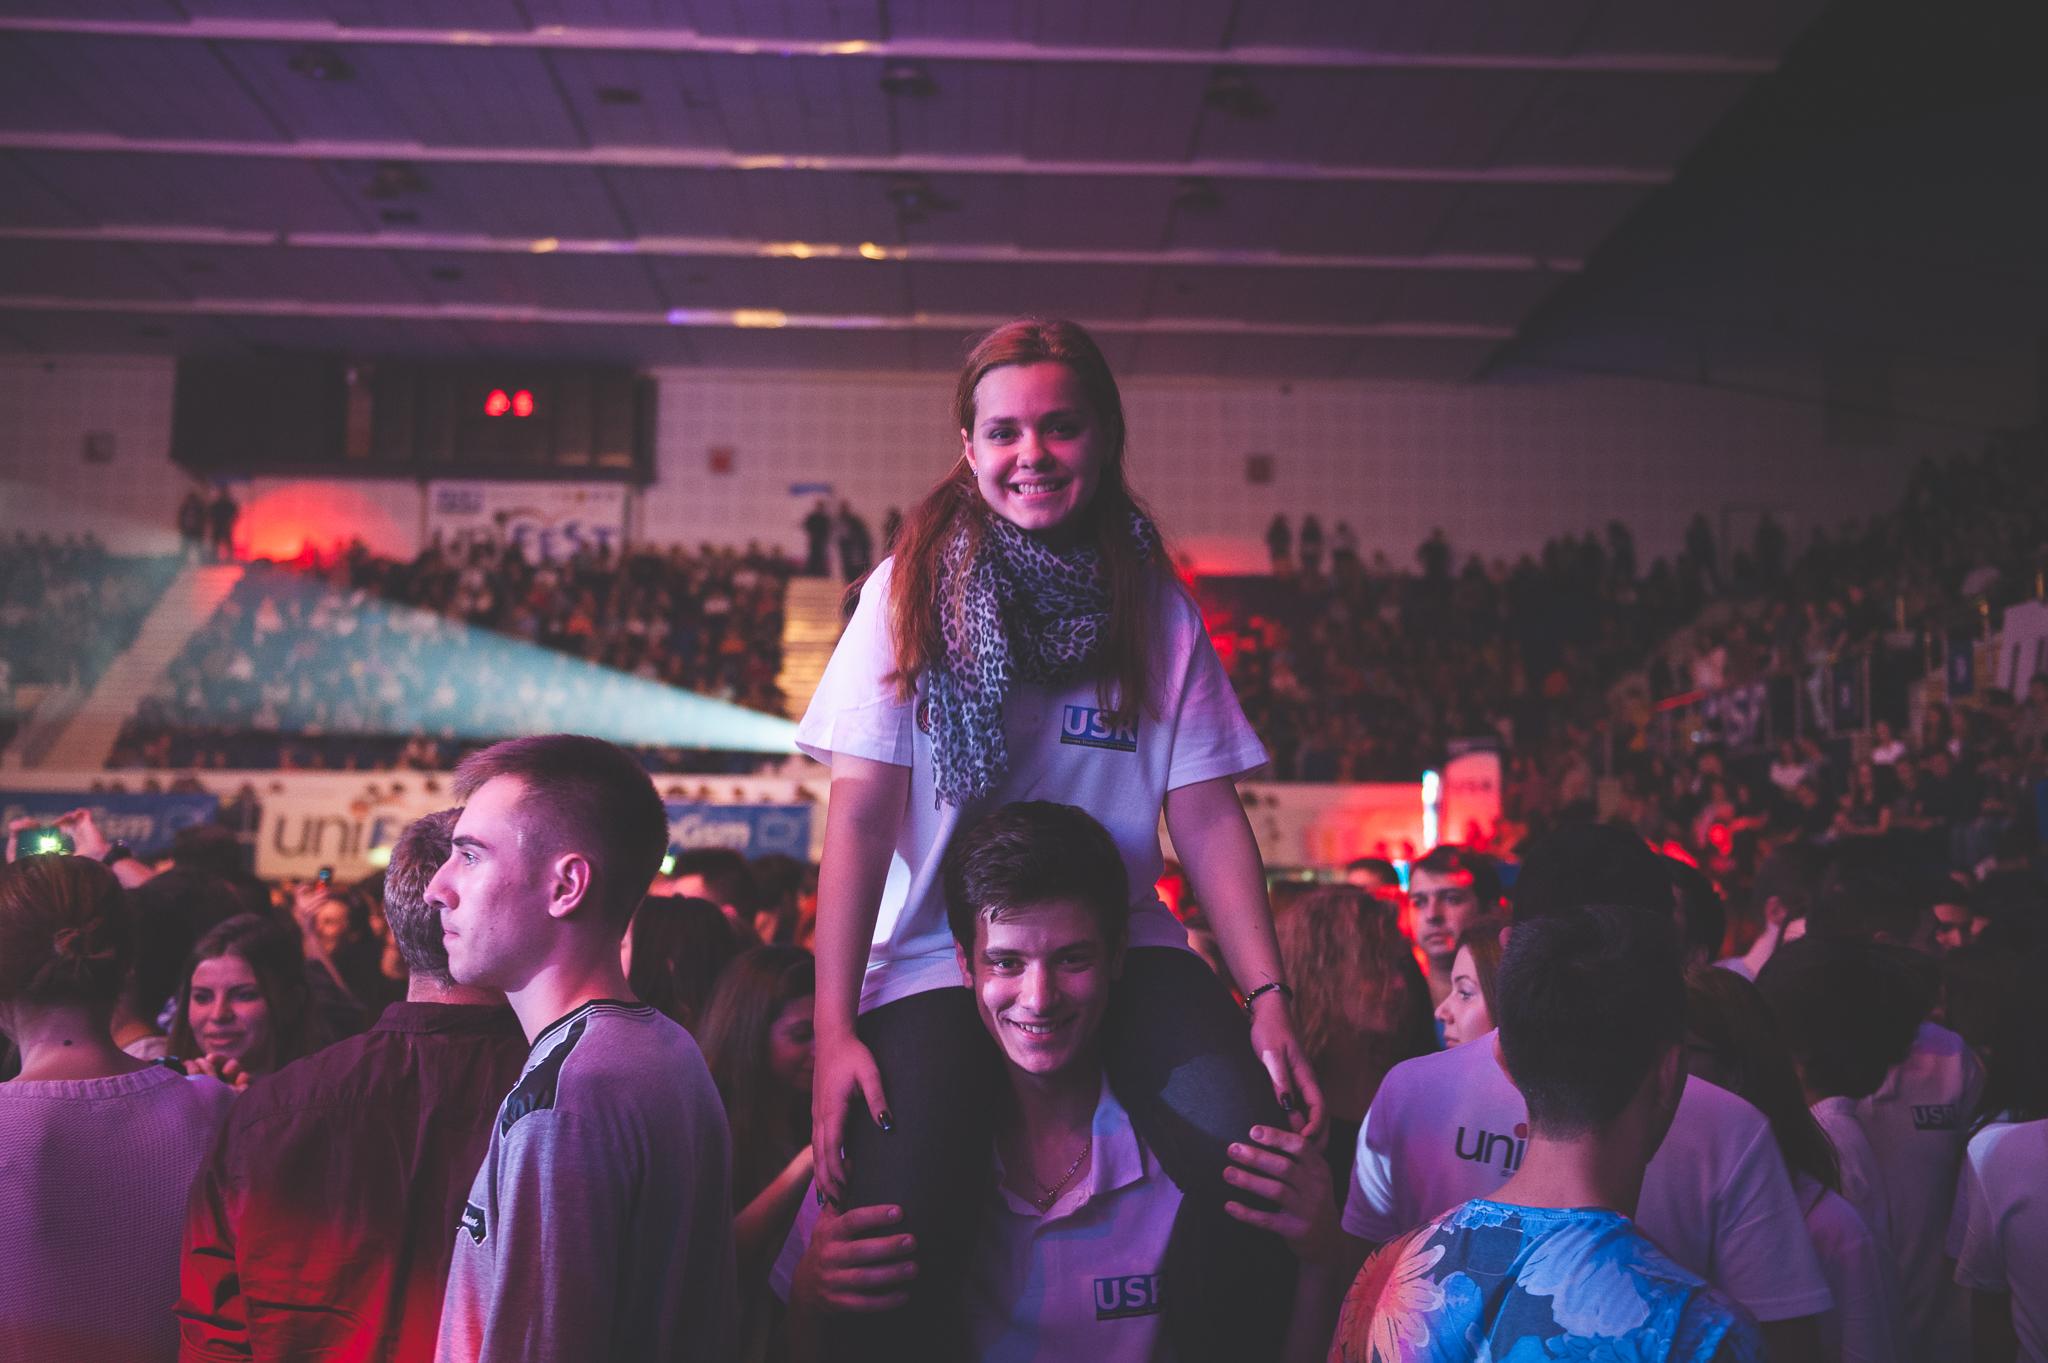 concert-vunk-unifest-low-res-43